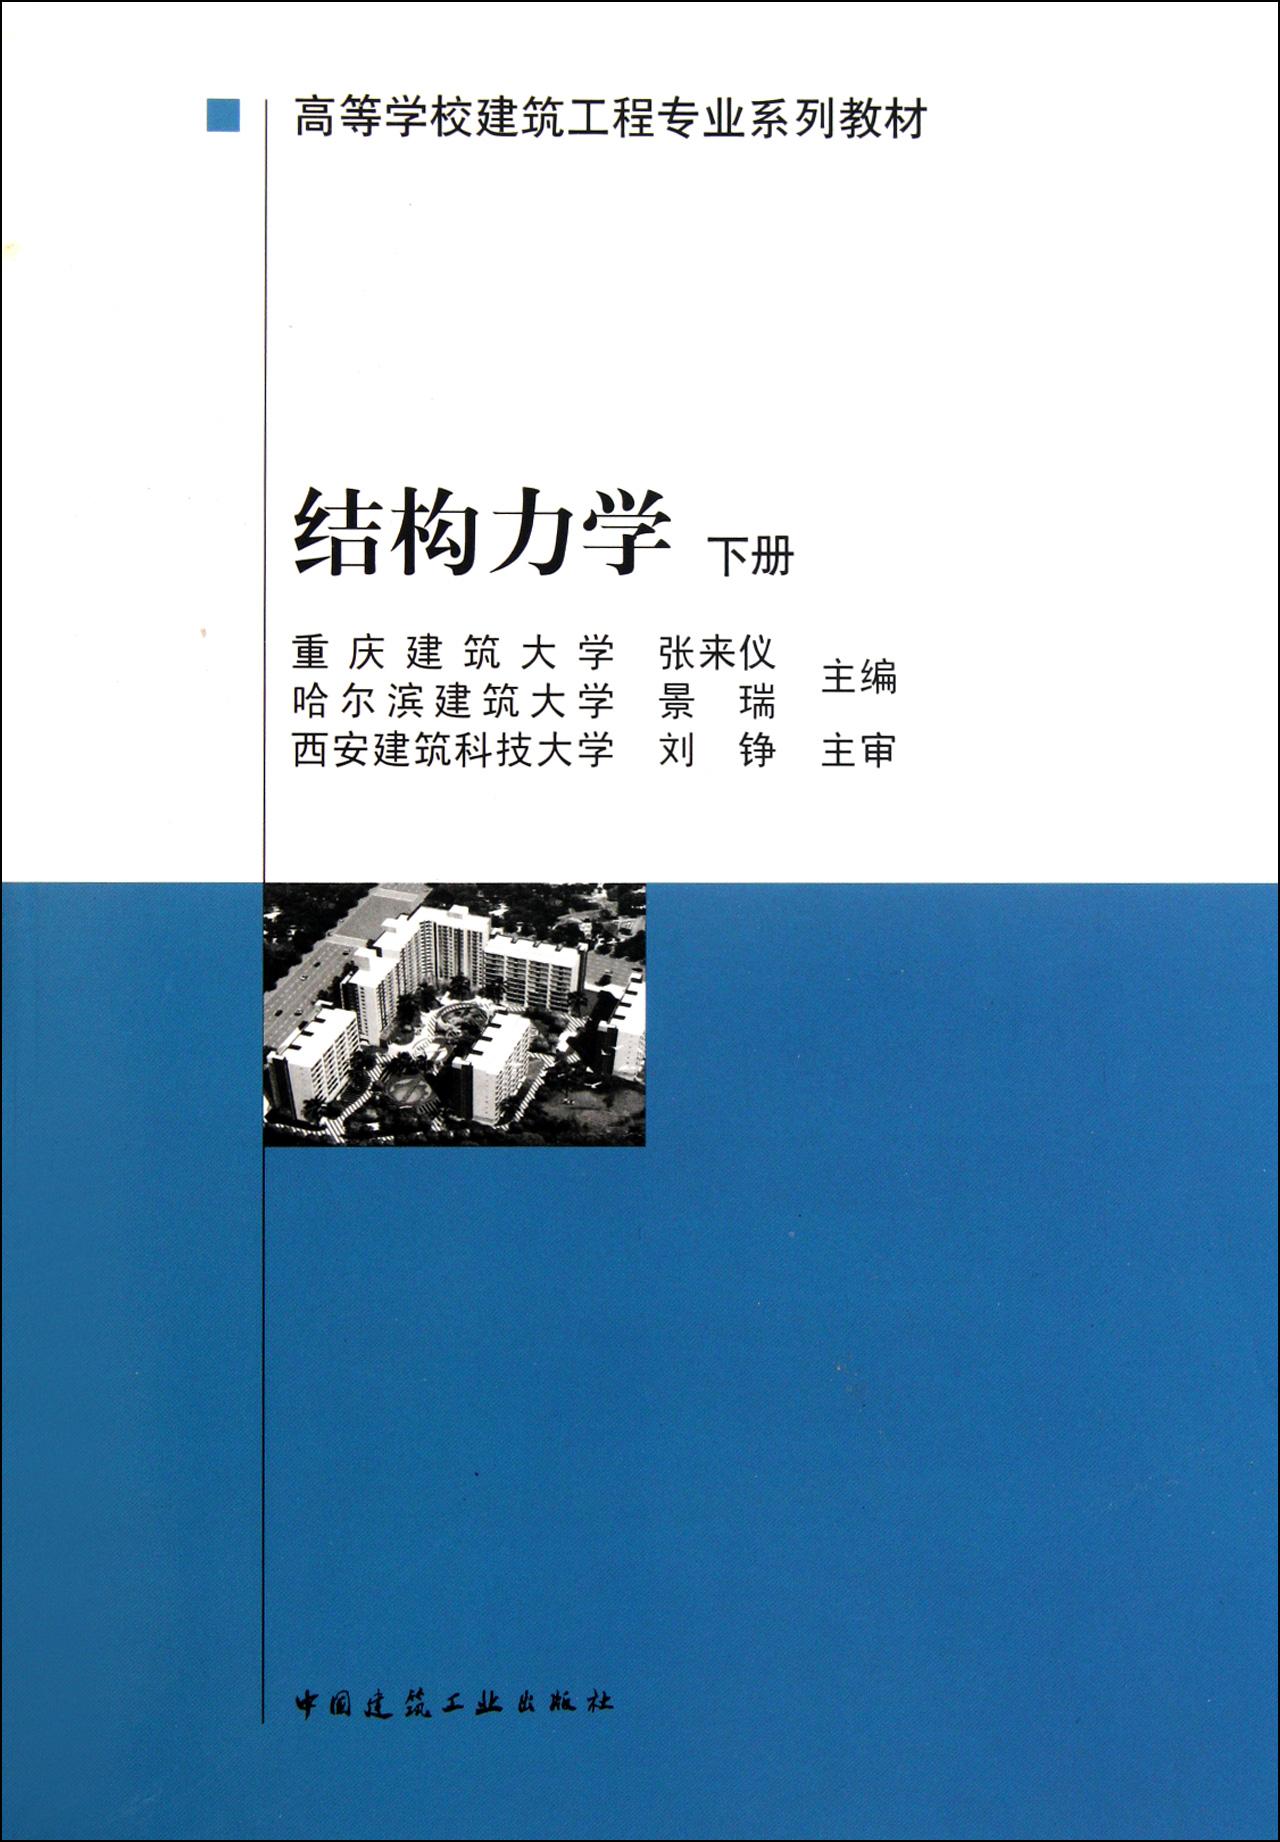 结构力学(下高等学校建筑工程专业系列教材)